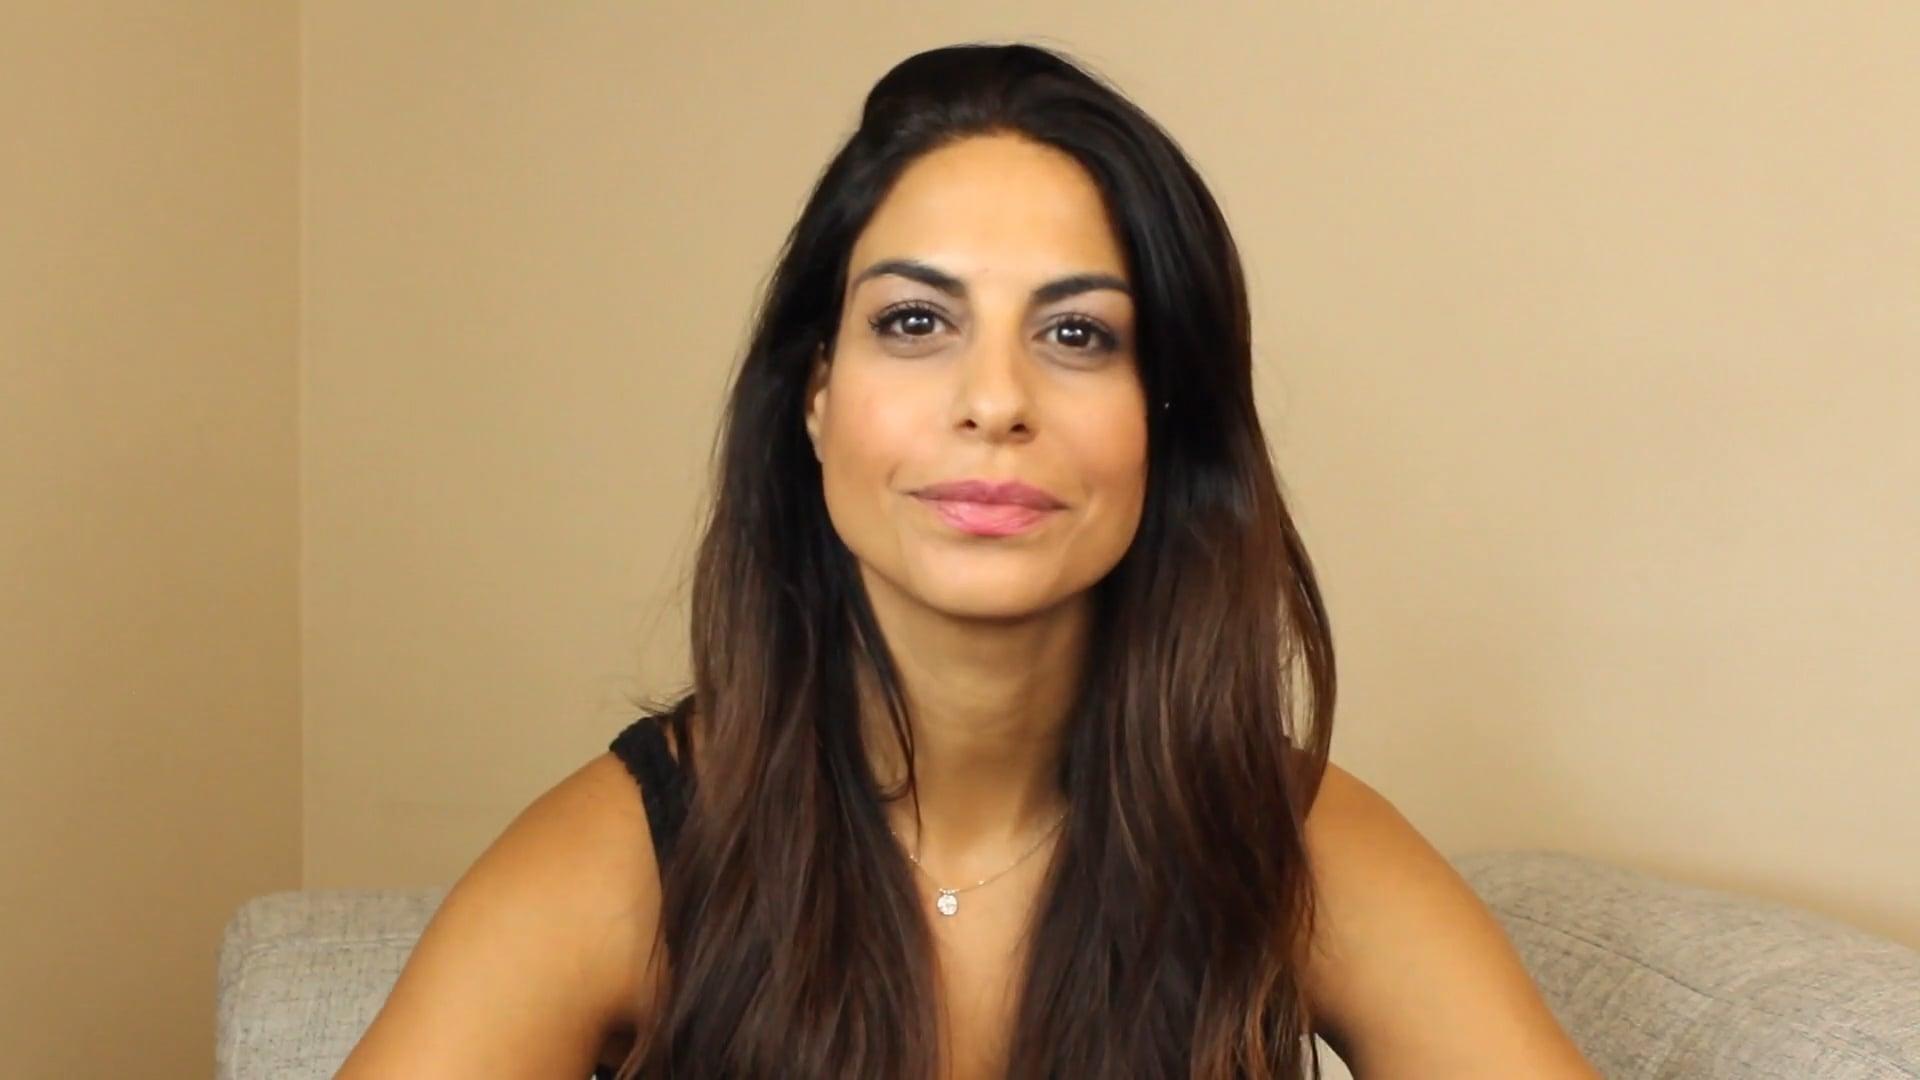 Tanya Katchouni Actress (The Arrangement) - Testimonial